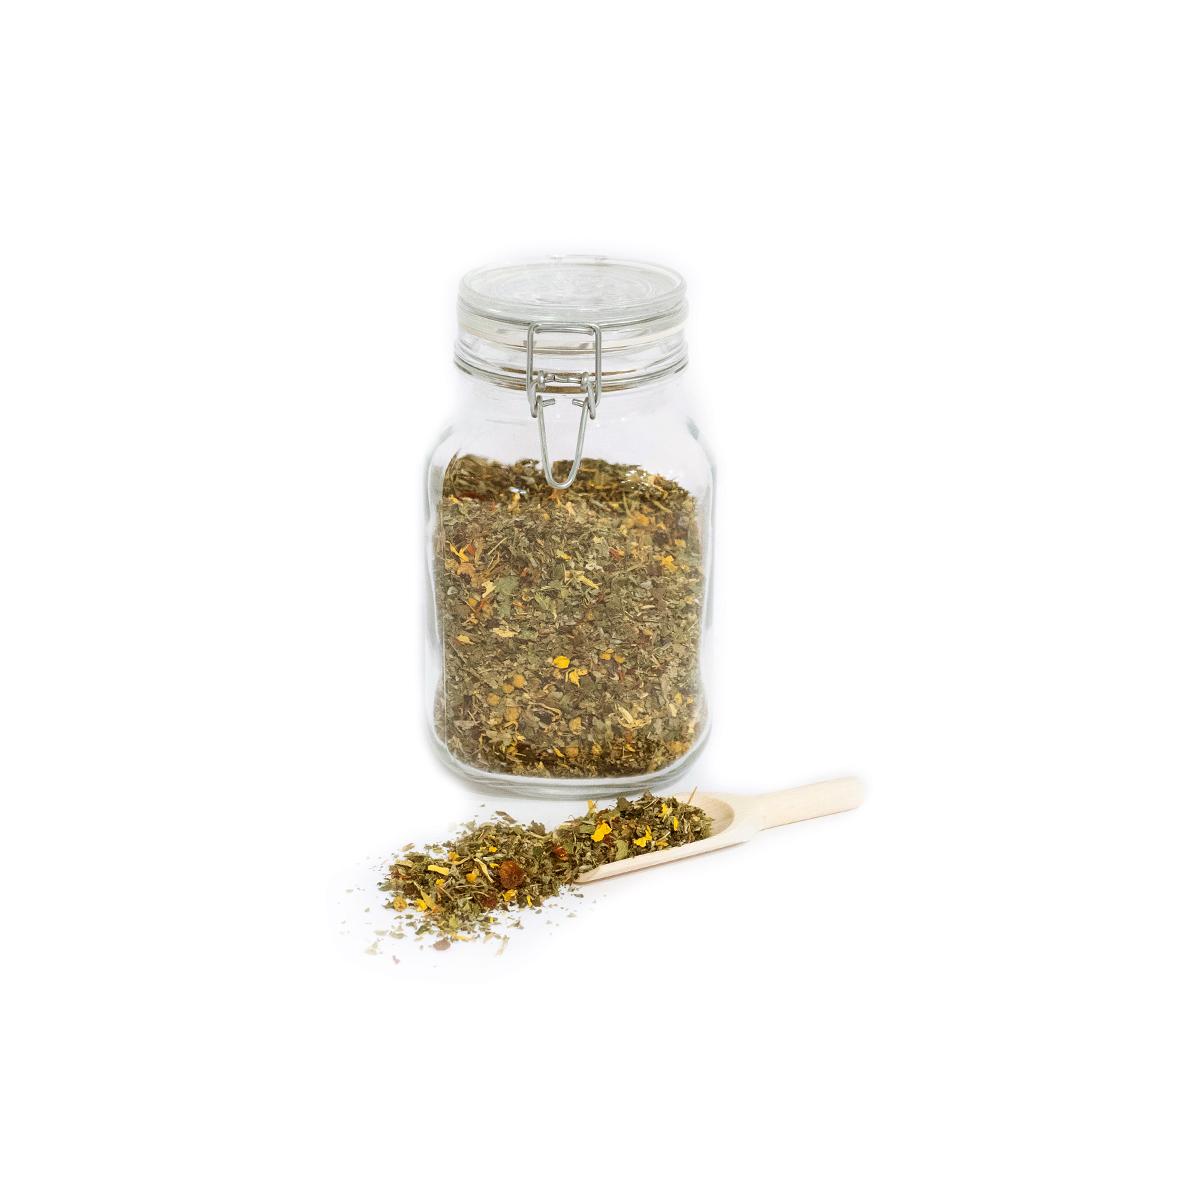 Thee Feel Good Herbs